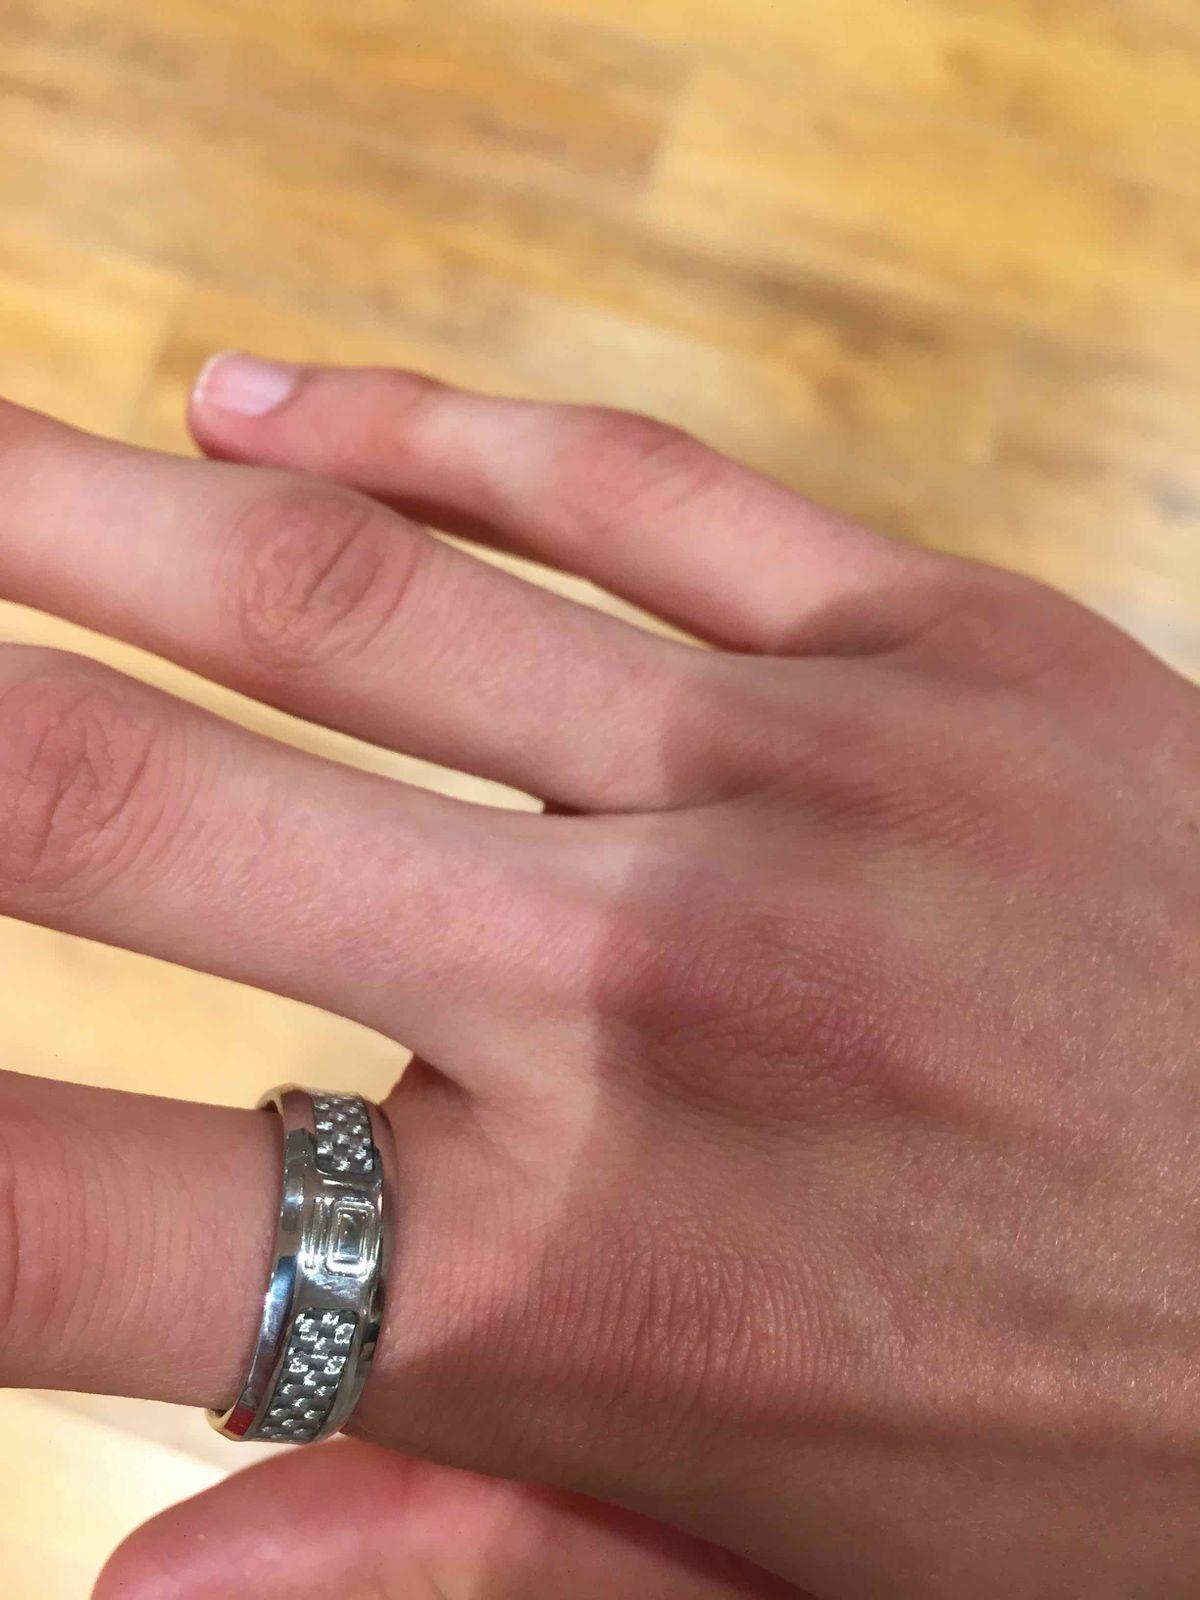 Выбирал кольцо к часам, доволен покупкой